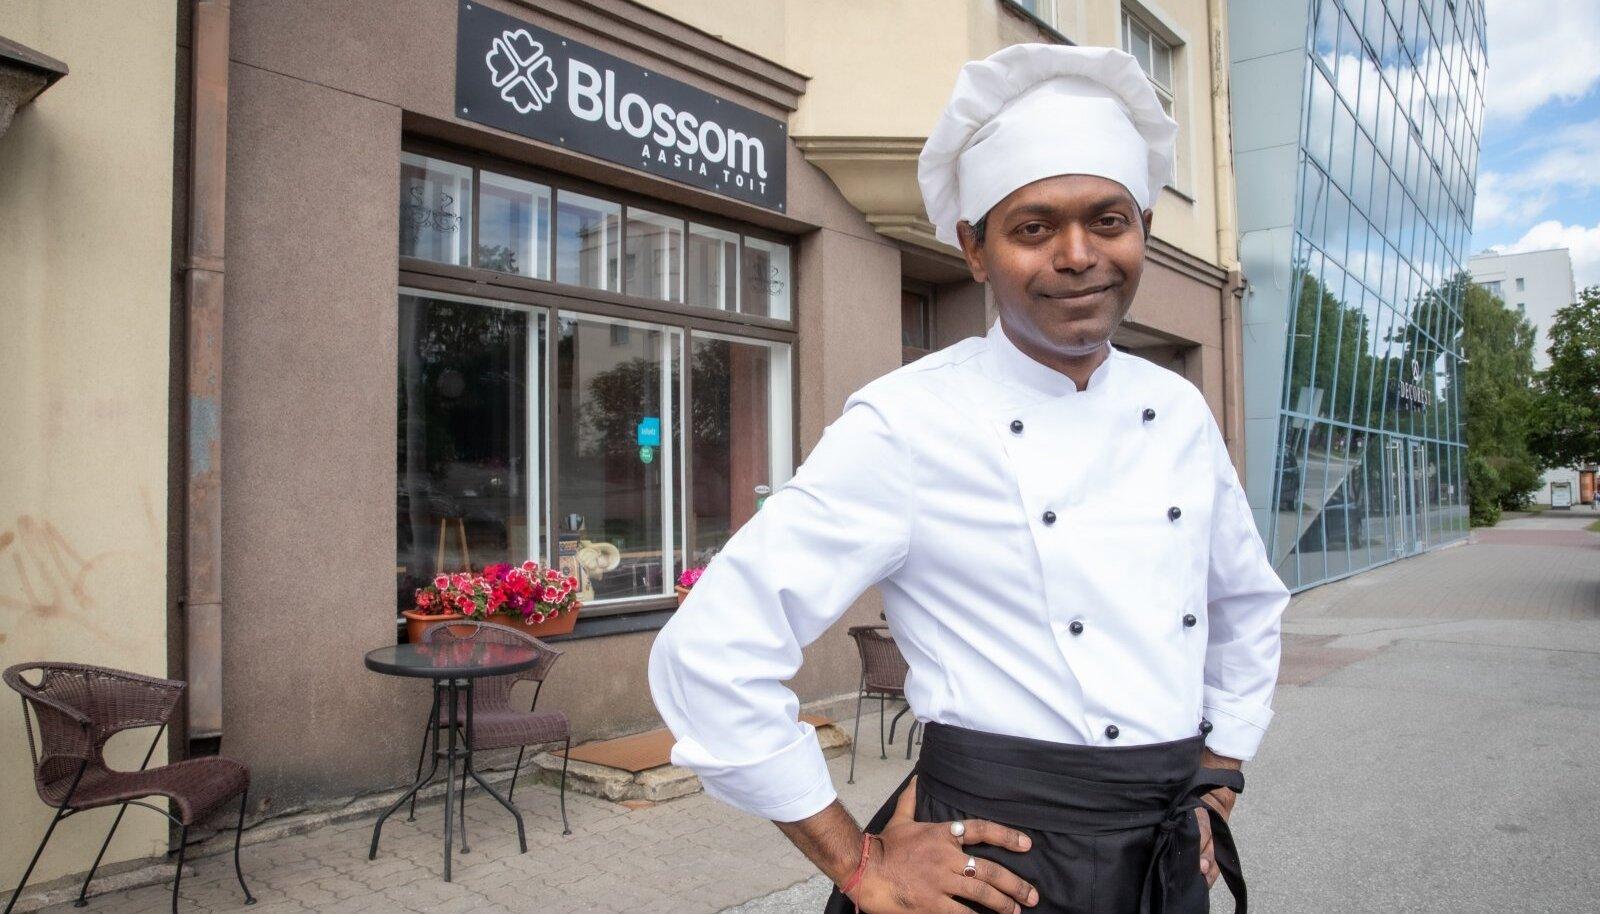 Restoranipidaja elu on nii kiire, et Babu jõuab hommikuti vaevalt T-särgi selga ja püksidki jalga tõmmata. Pildistamise jaoks otsib ta aga sahtlist välja uhke kokamundri. Viimati kandis ta seda Tallinn Restaurant Week'il hoopis teist restorani esindades.